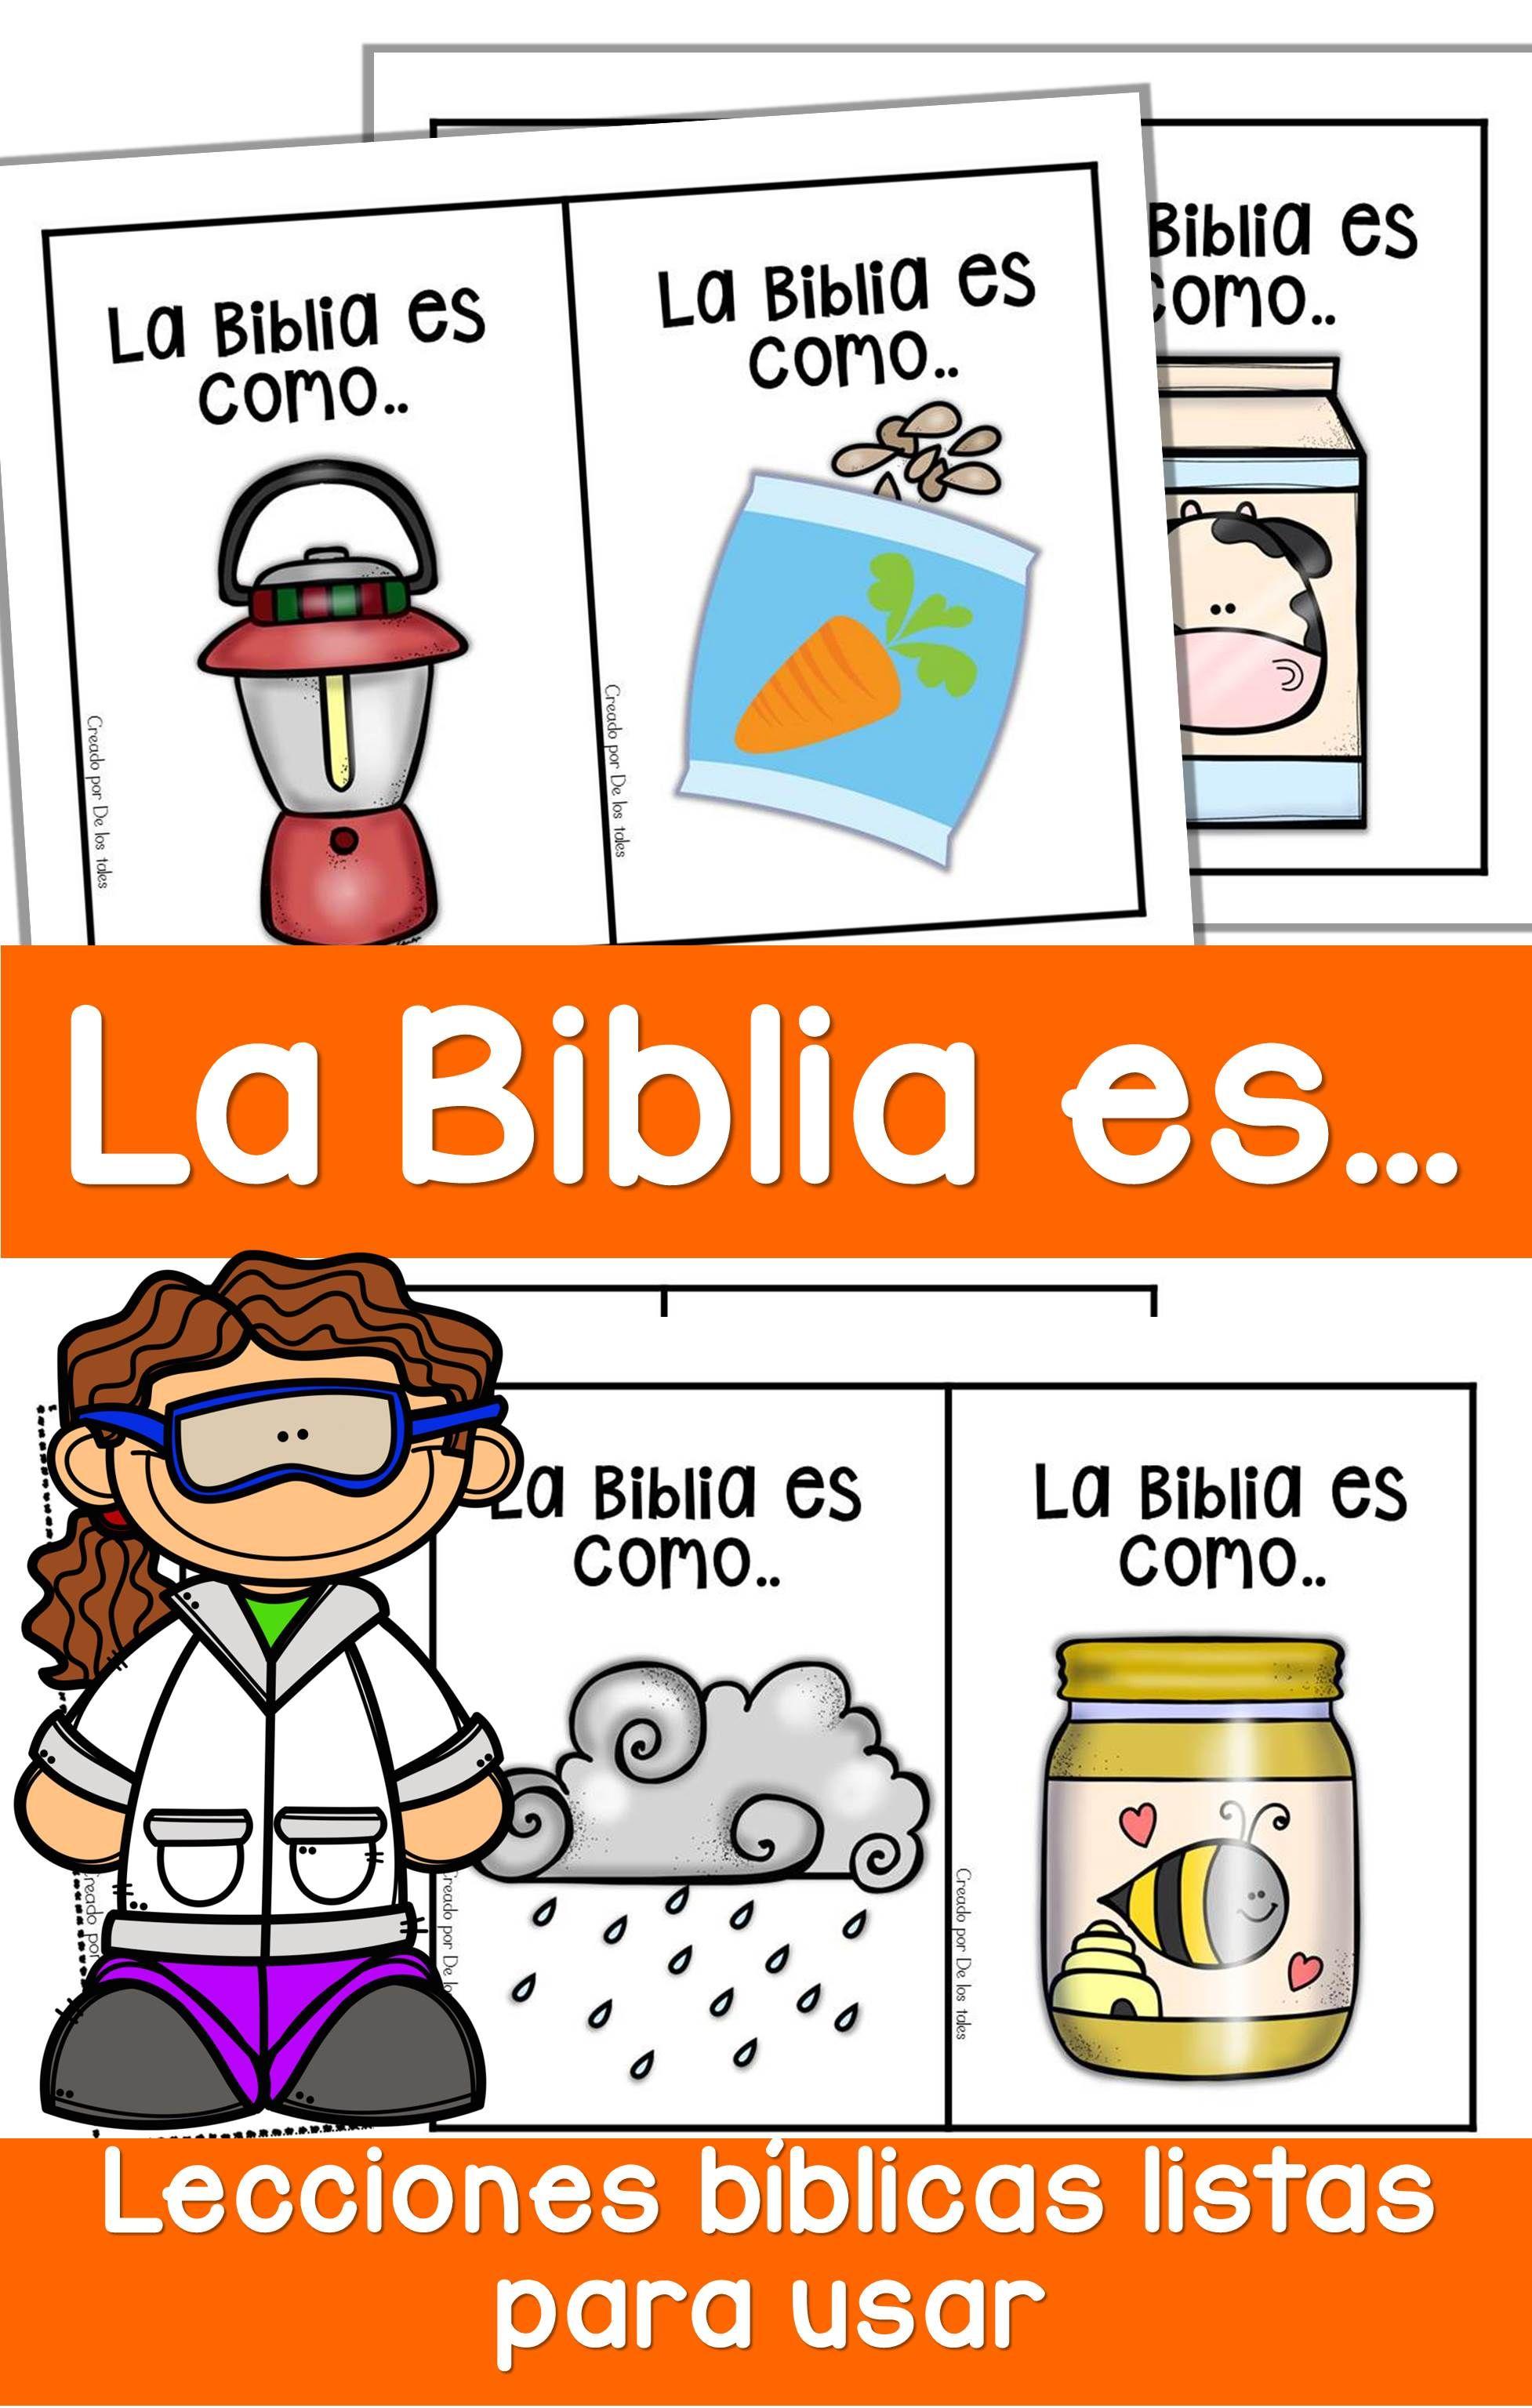 La Biblia Es Lecciones De Biblia Para Preescolar Lecciones Biblicas Para Ninos 10 Mandamientos Para Ninos